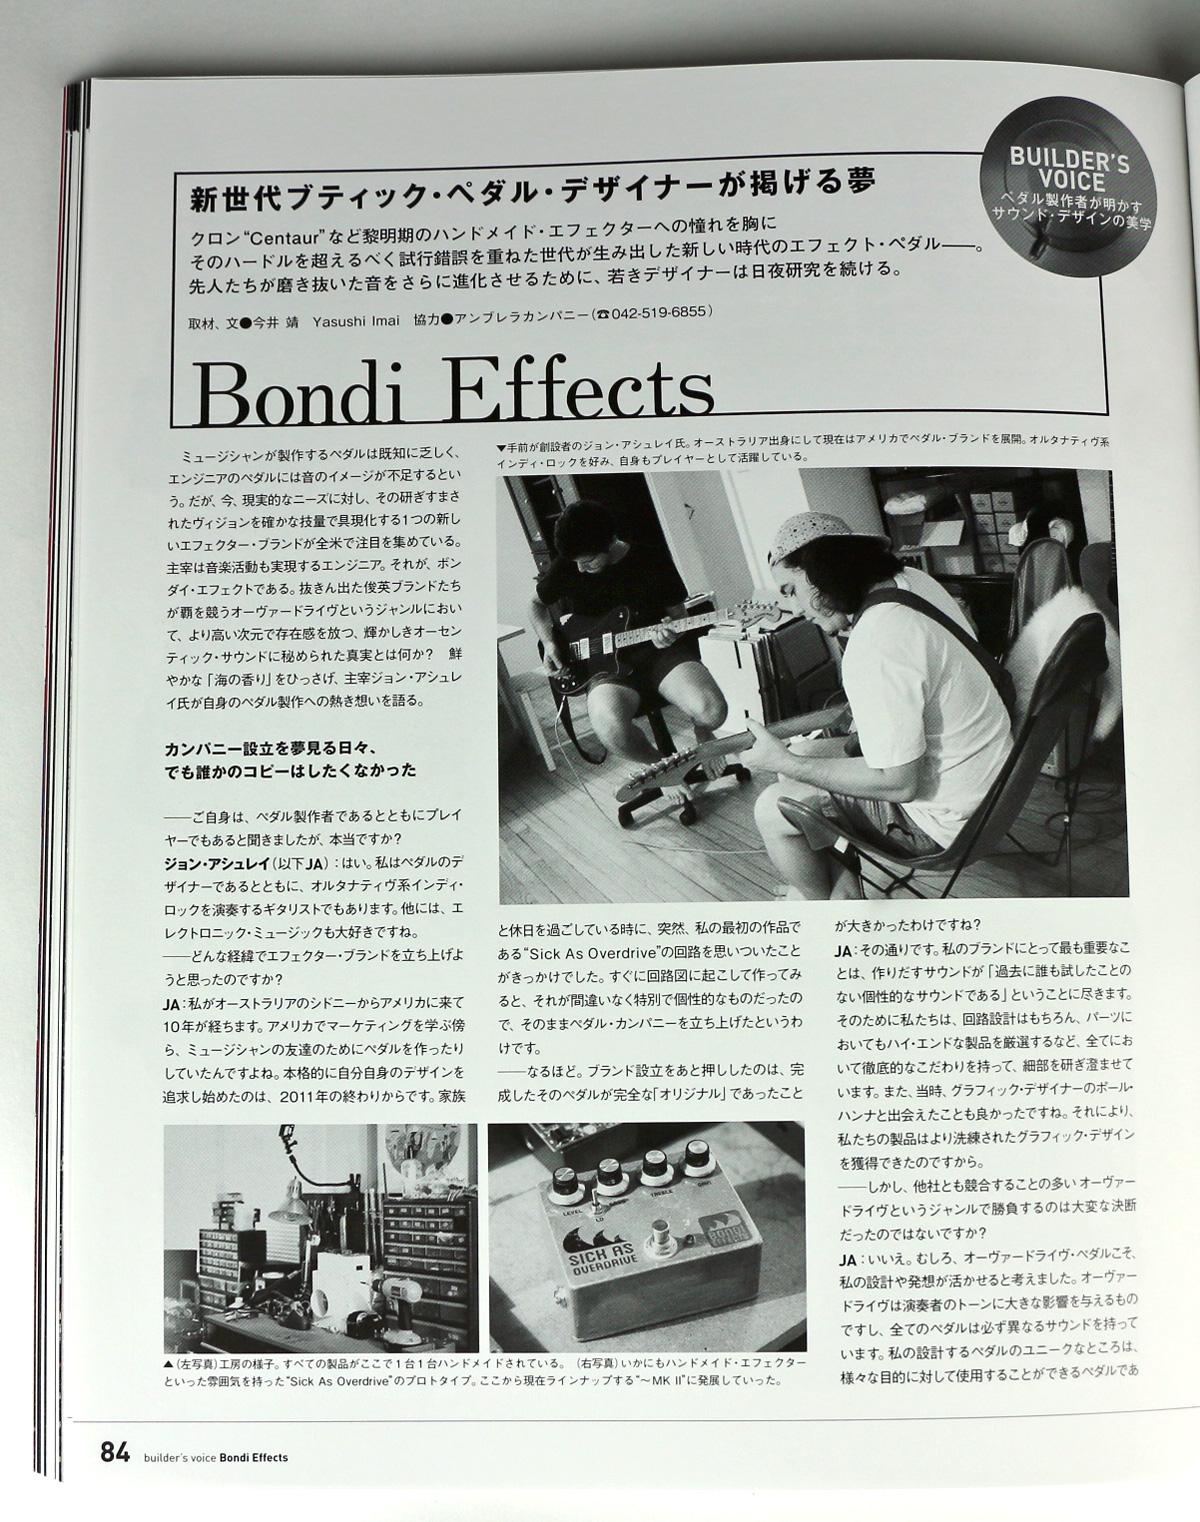 ボンダイエフェクト,Bondi Effects,オーバードライブ,おすすめ,レビュー